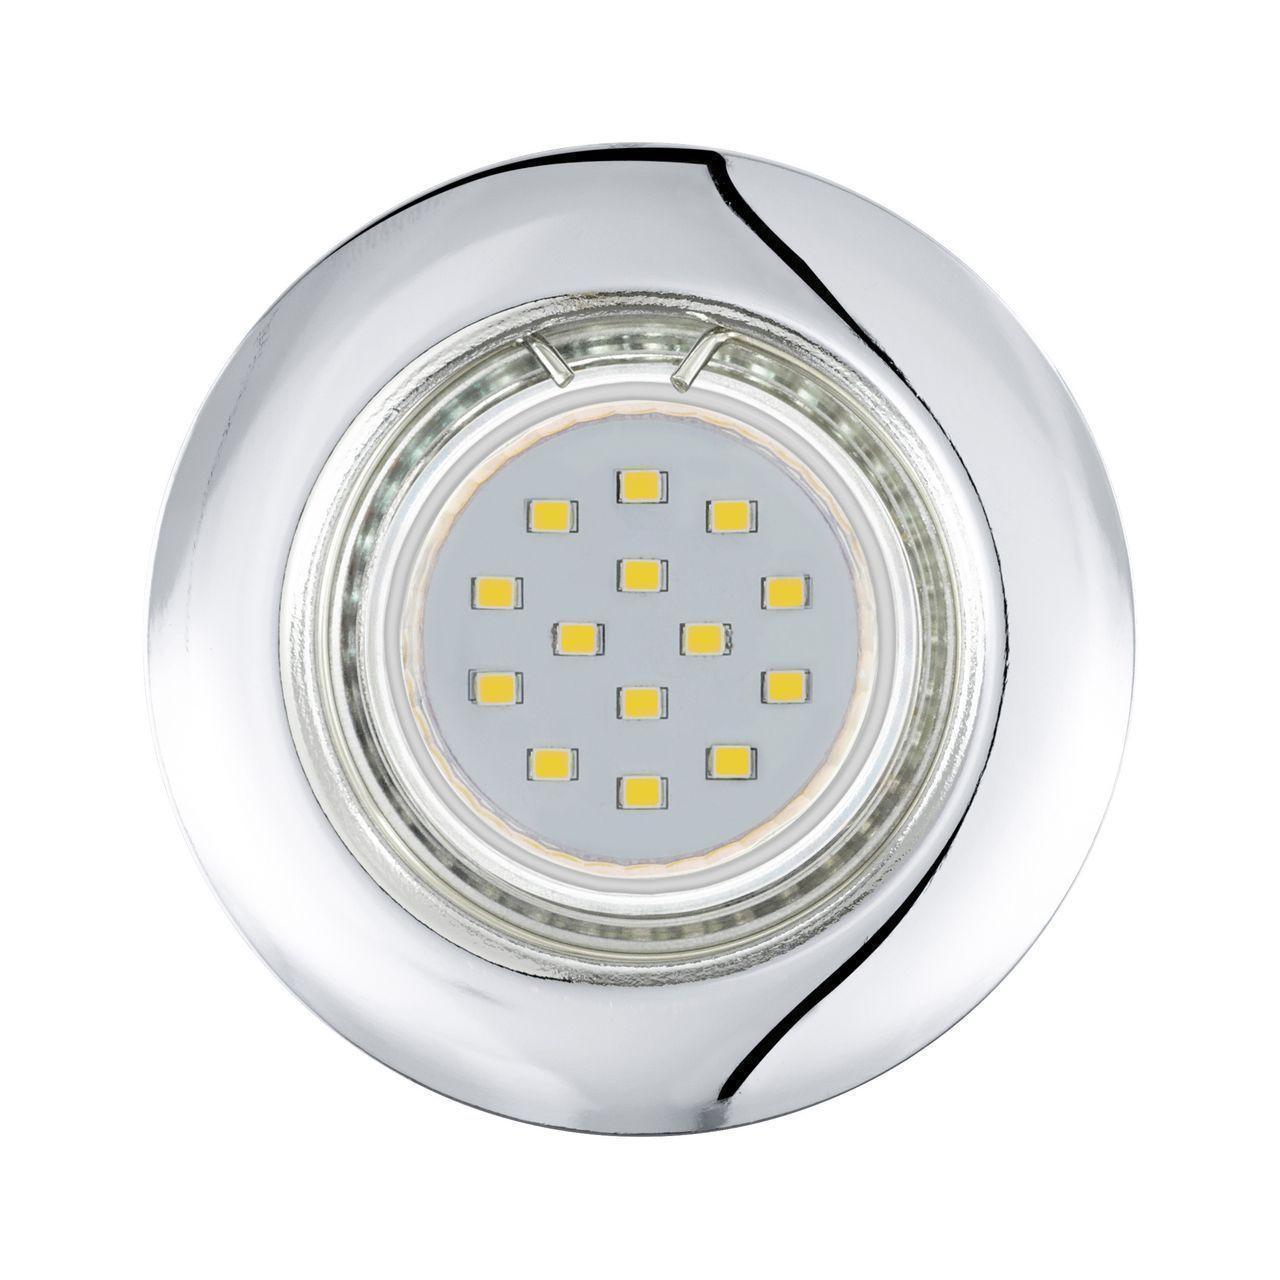 Встраиваемый светильник Eglo Peneto 94236 eglo встраиваемый светильник eglo peneto 94239